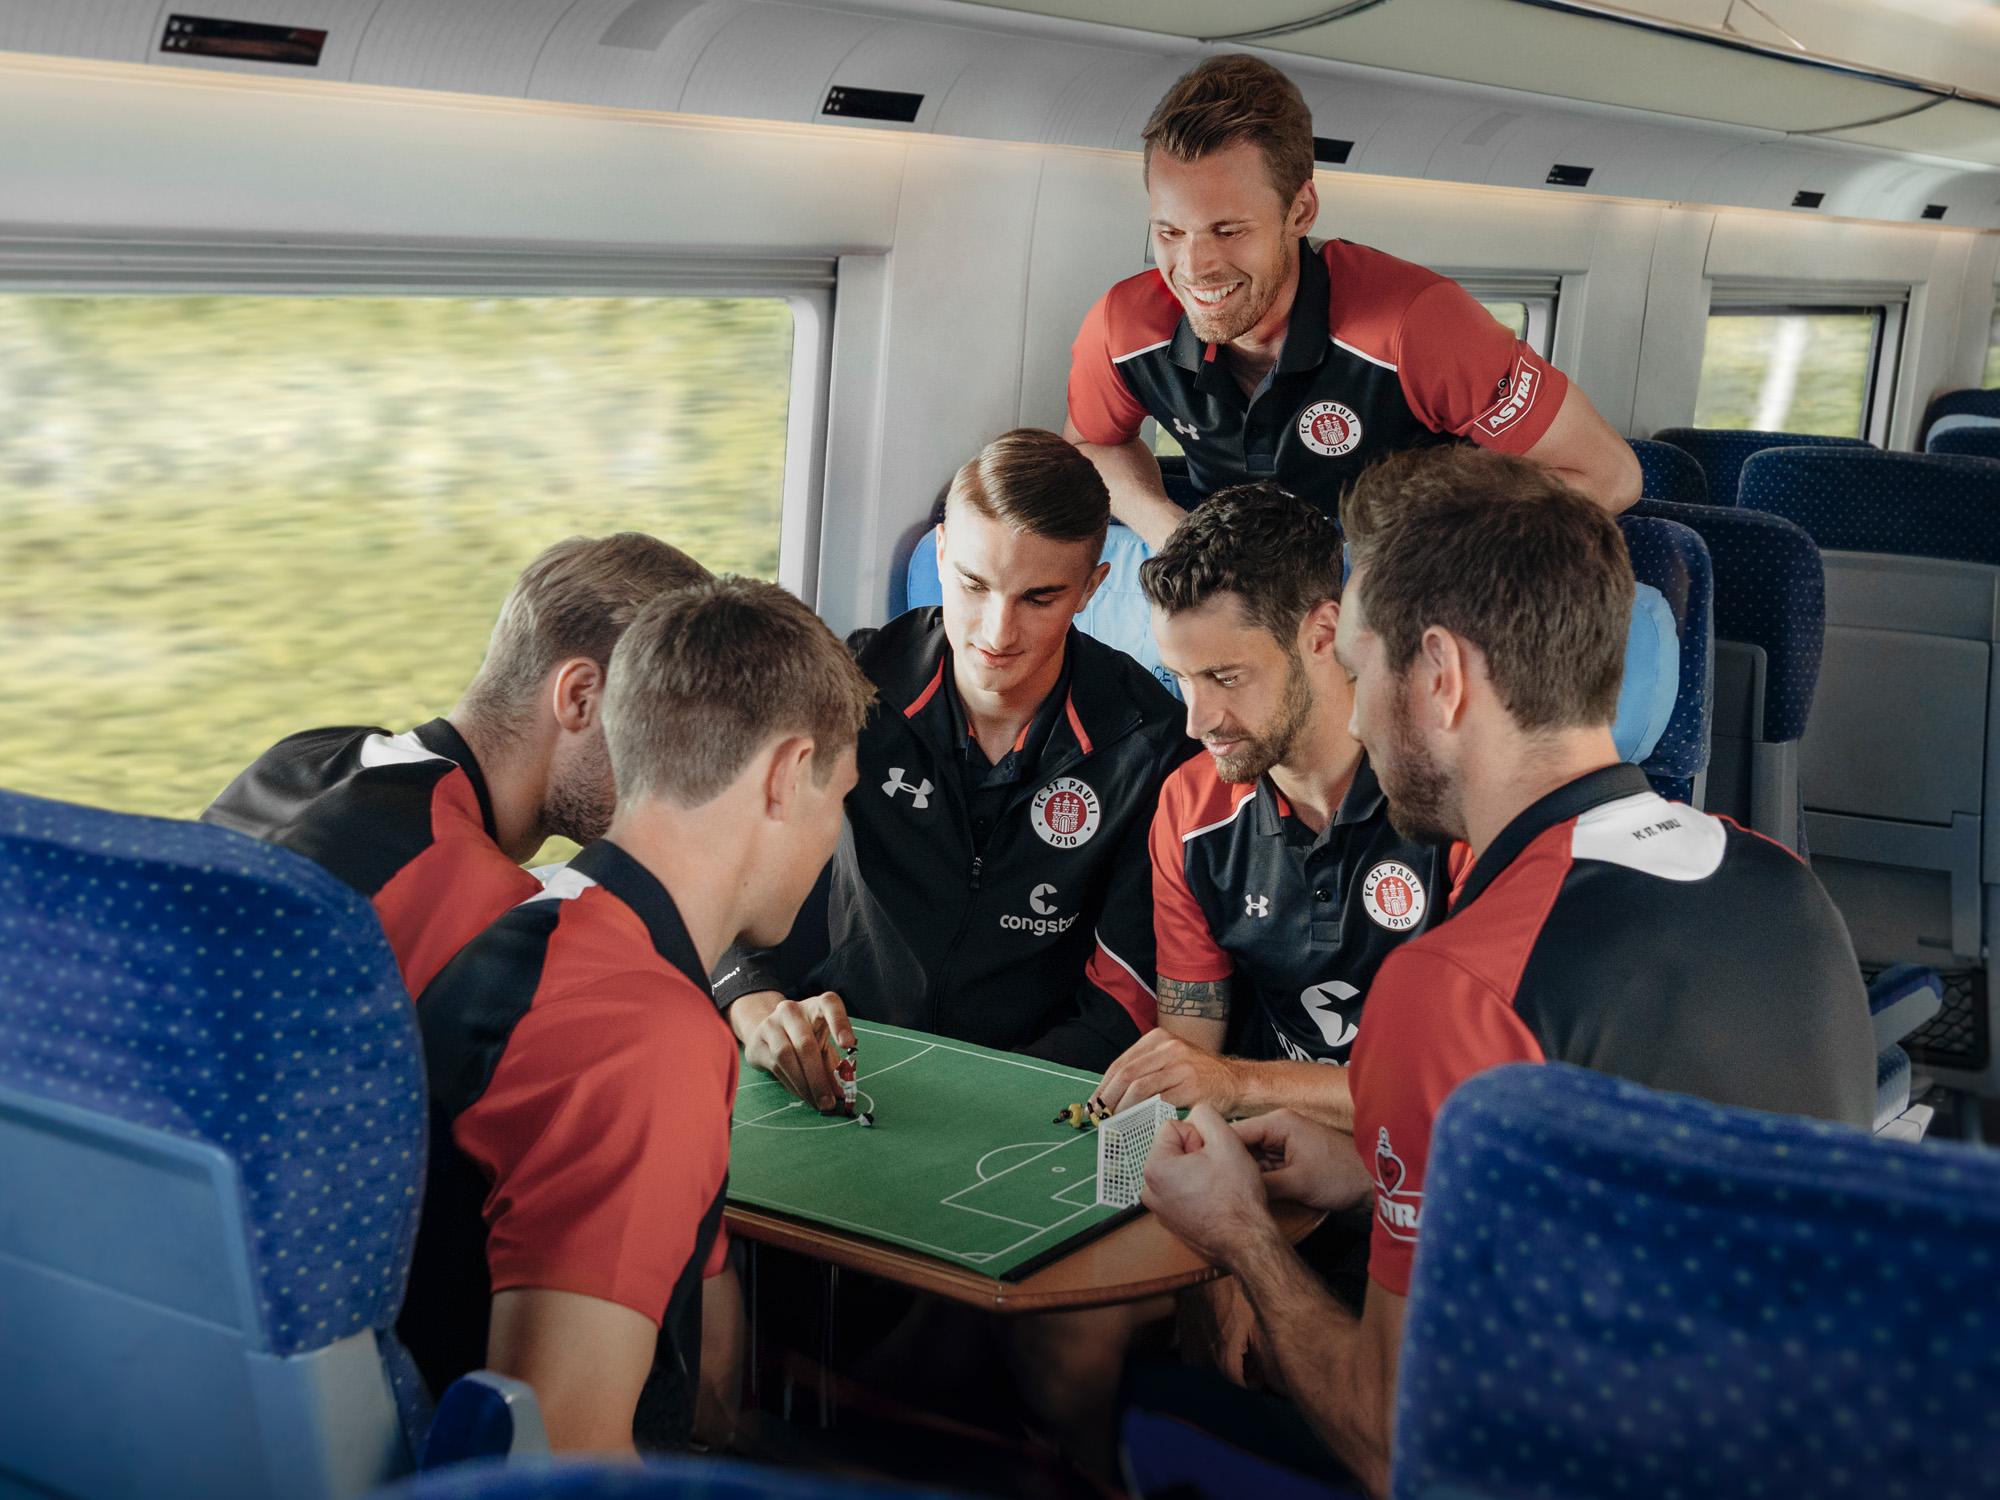 DB-Gewinnspiel: Mit fünf Freunden zu einem Auswärtsspiel in der Rückrunde